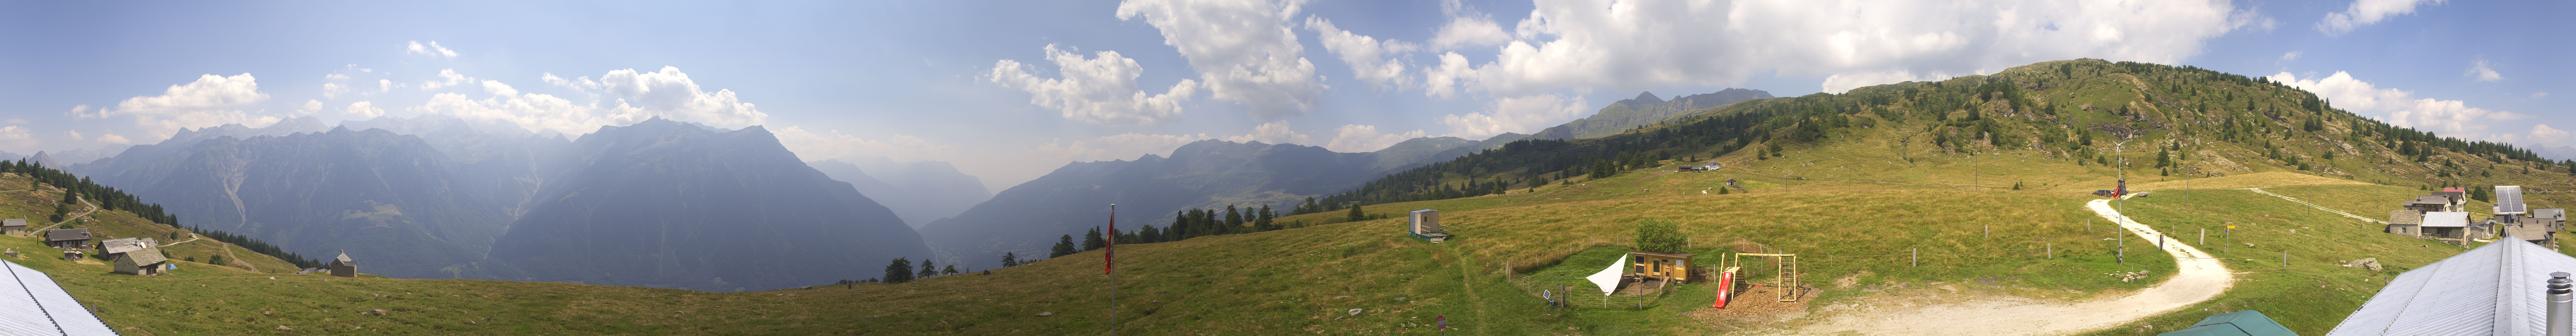 Blenio: Capanna Gorda - Punta di Larescia - Alpe Gorda - Val Blenio - Punta di Larescia - Cima del Simano - Sosto - Capanna Adula CAS - Rheinwaldhorn - Greina